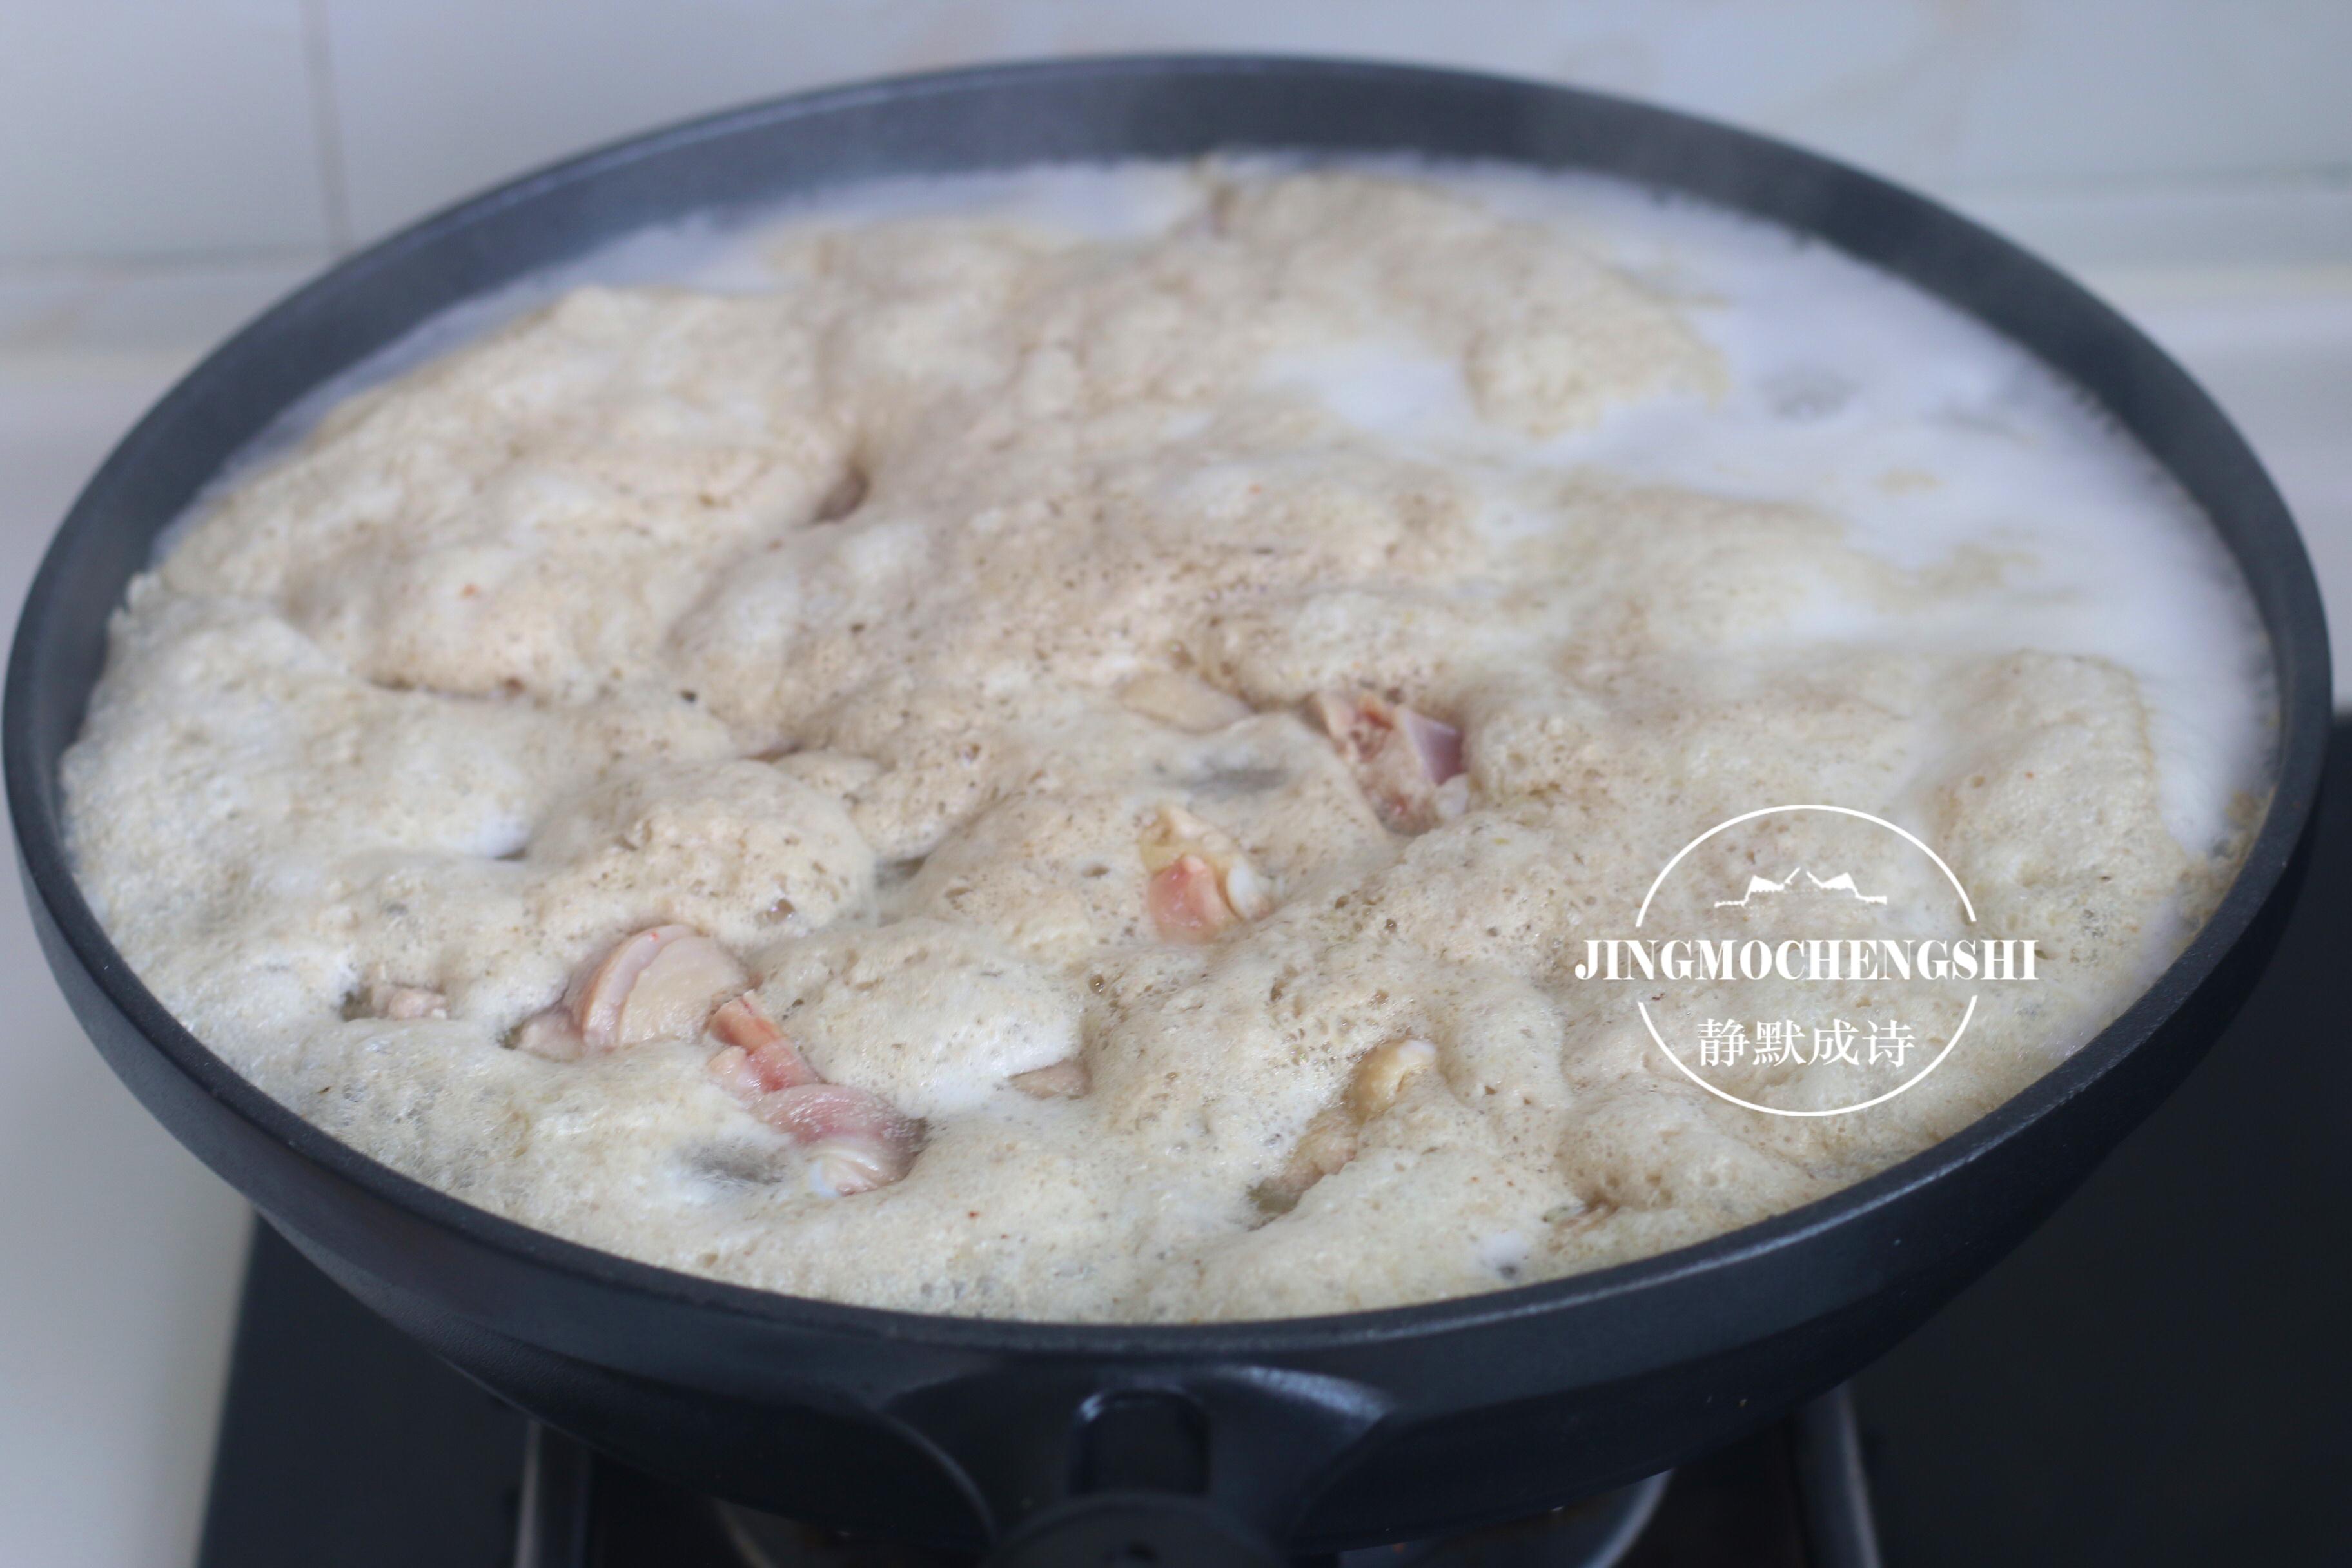 鸡腿和它是绝配,像我这样烧上1锅,好吃又解馋,你也来1勺?